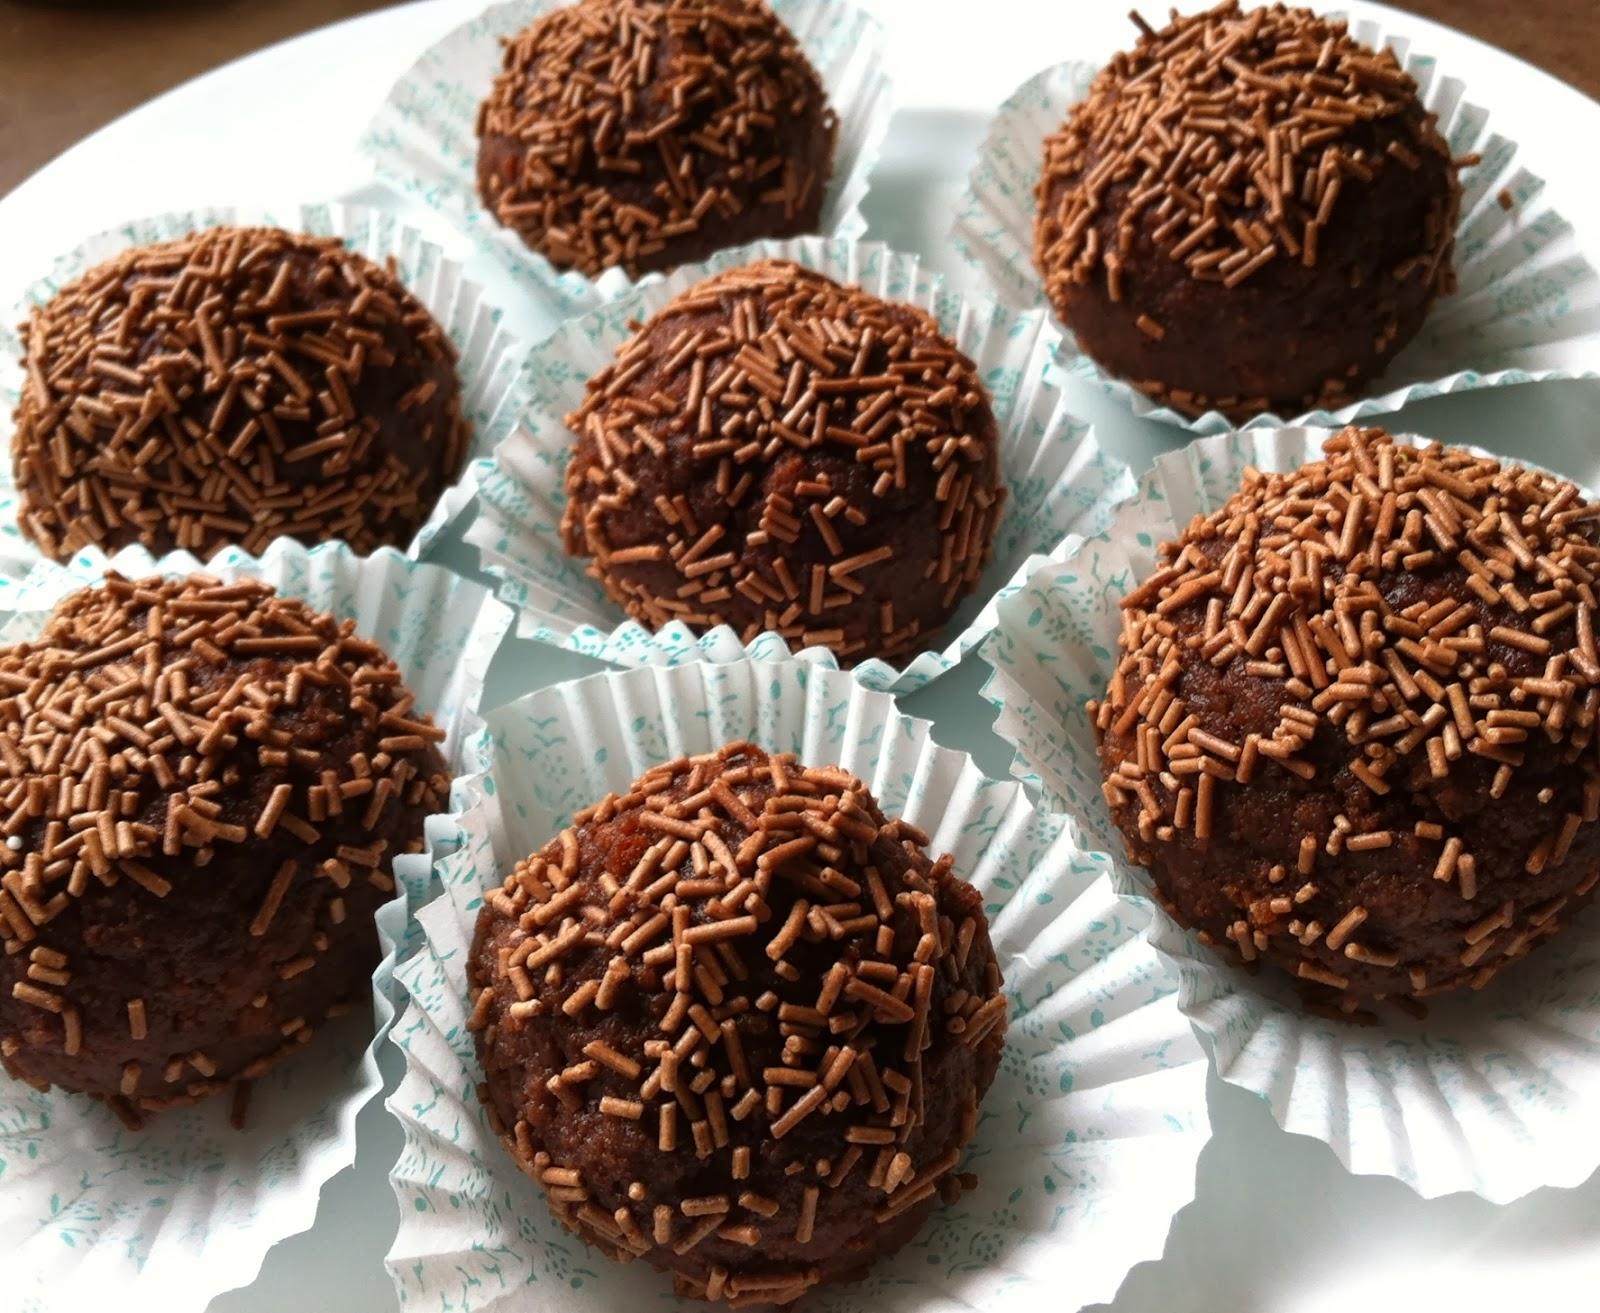 Chocolate Rum Balls Made Of Cake